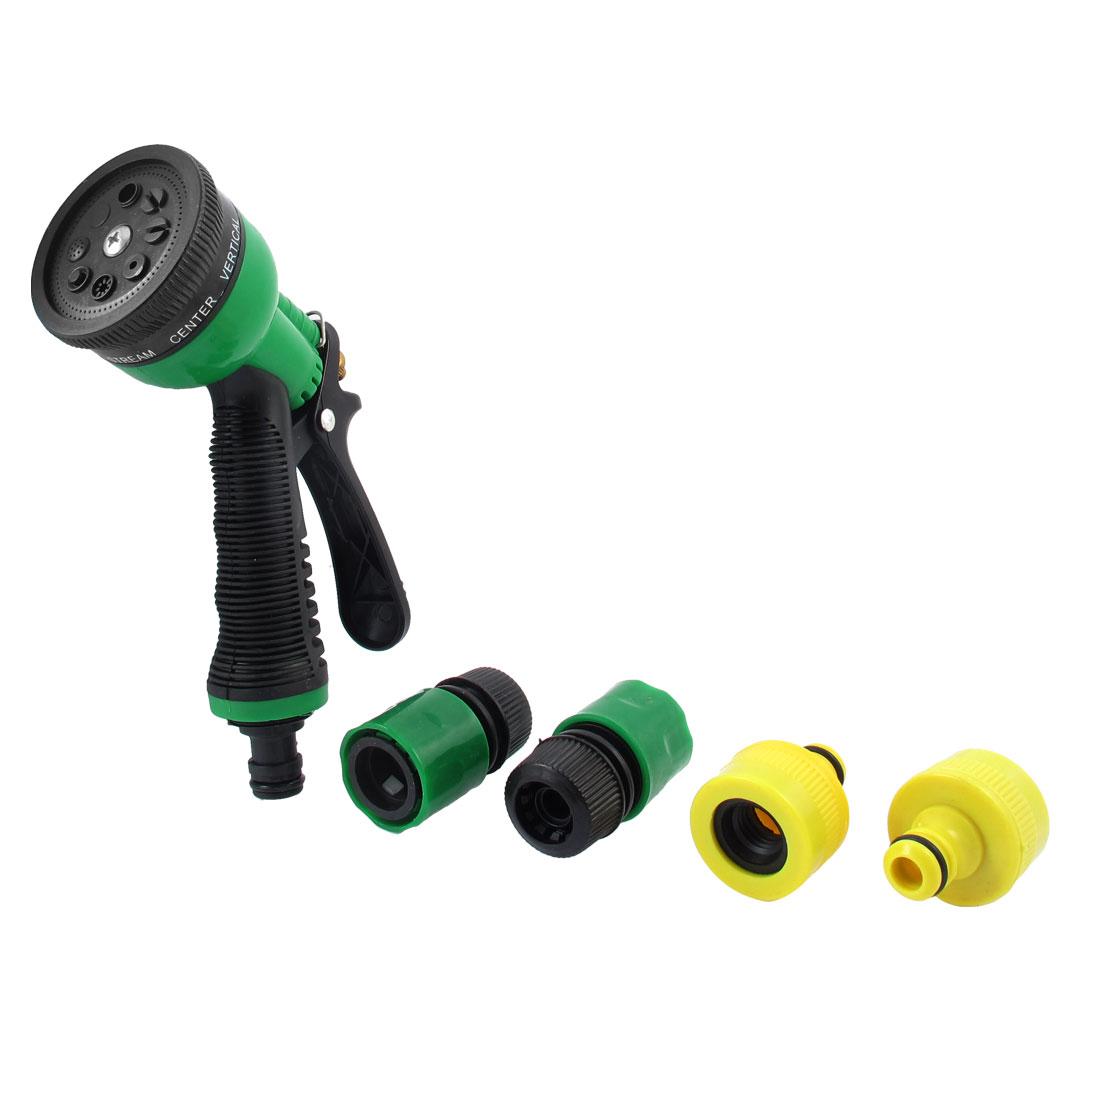 Tricolor Plastic Garden Lawn Water Spray Washer Hose Nozzle Gun w 4 Connectors